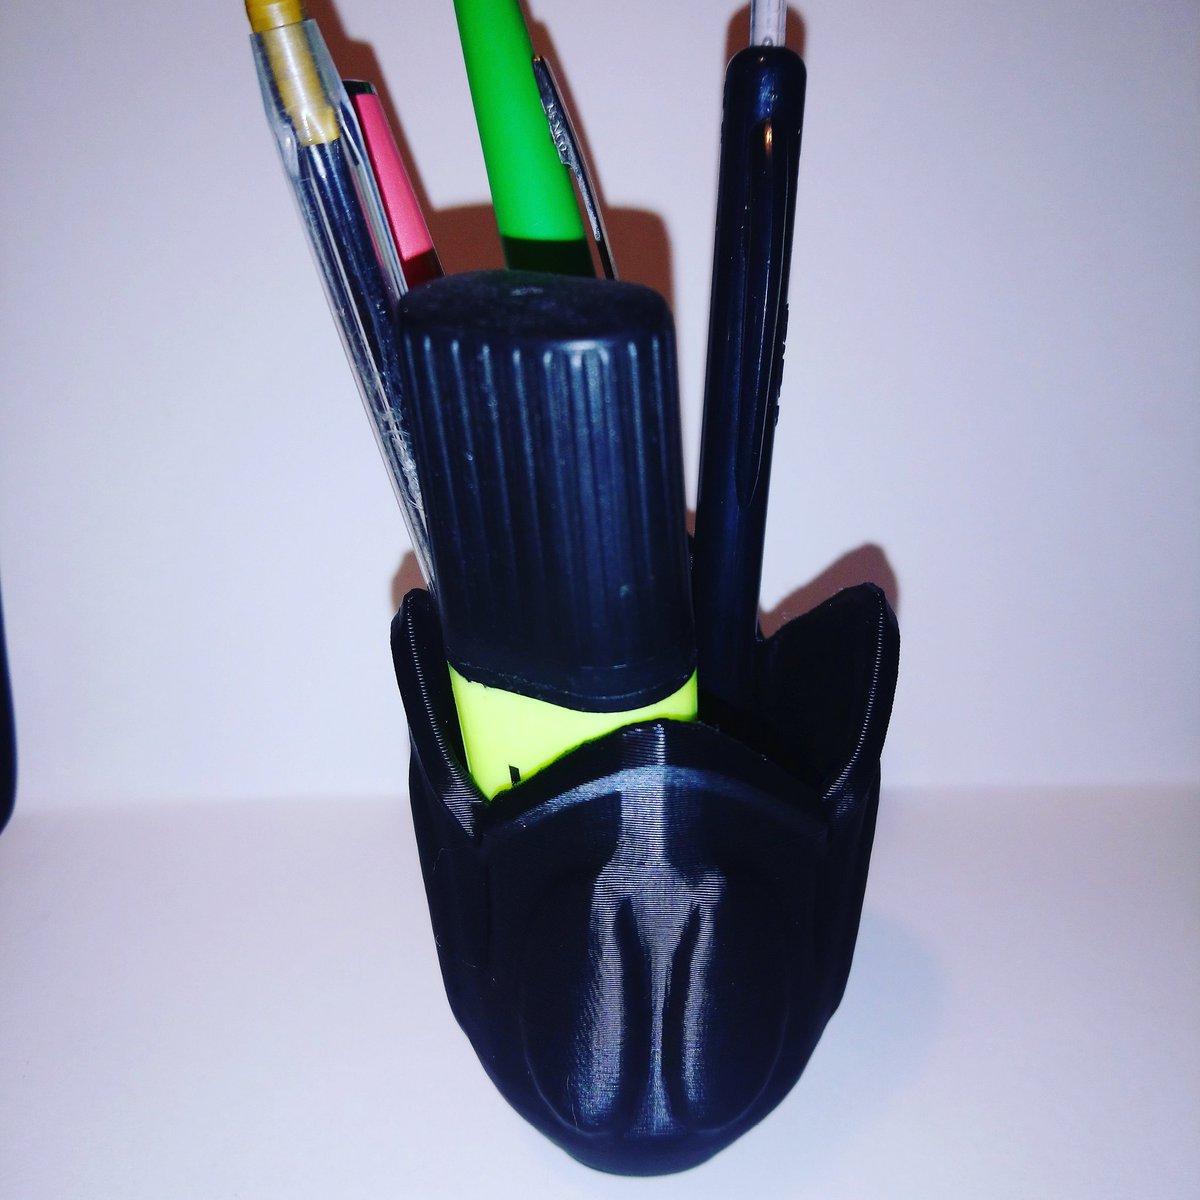 Nouveau pot à crayons #deco #inspiration #alien #3Dprint #3dmodeling #3dprinting bientôt sur #cults3d